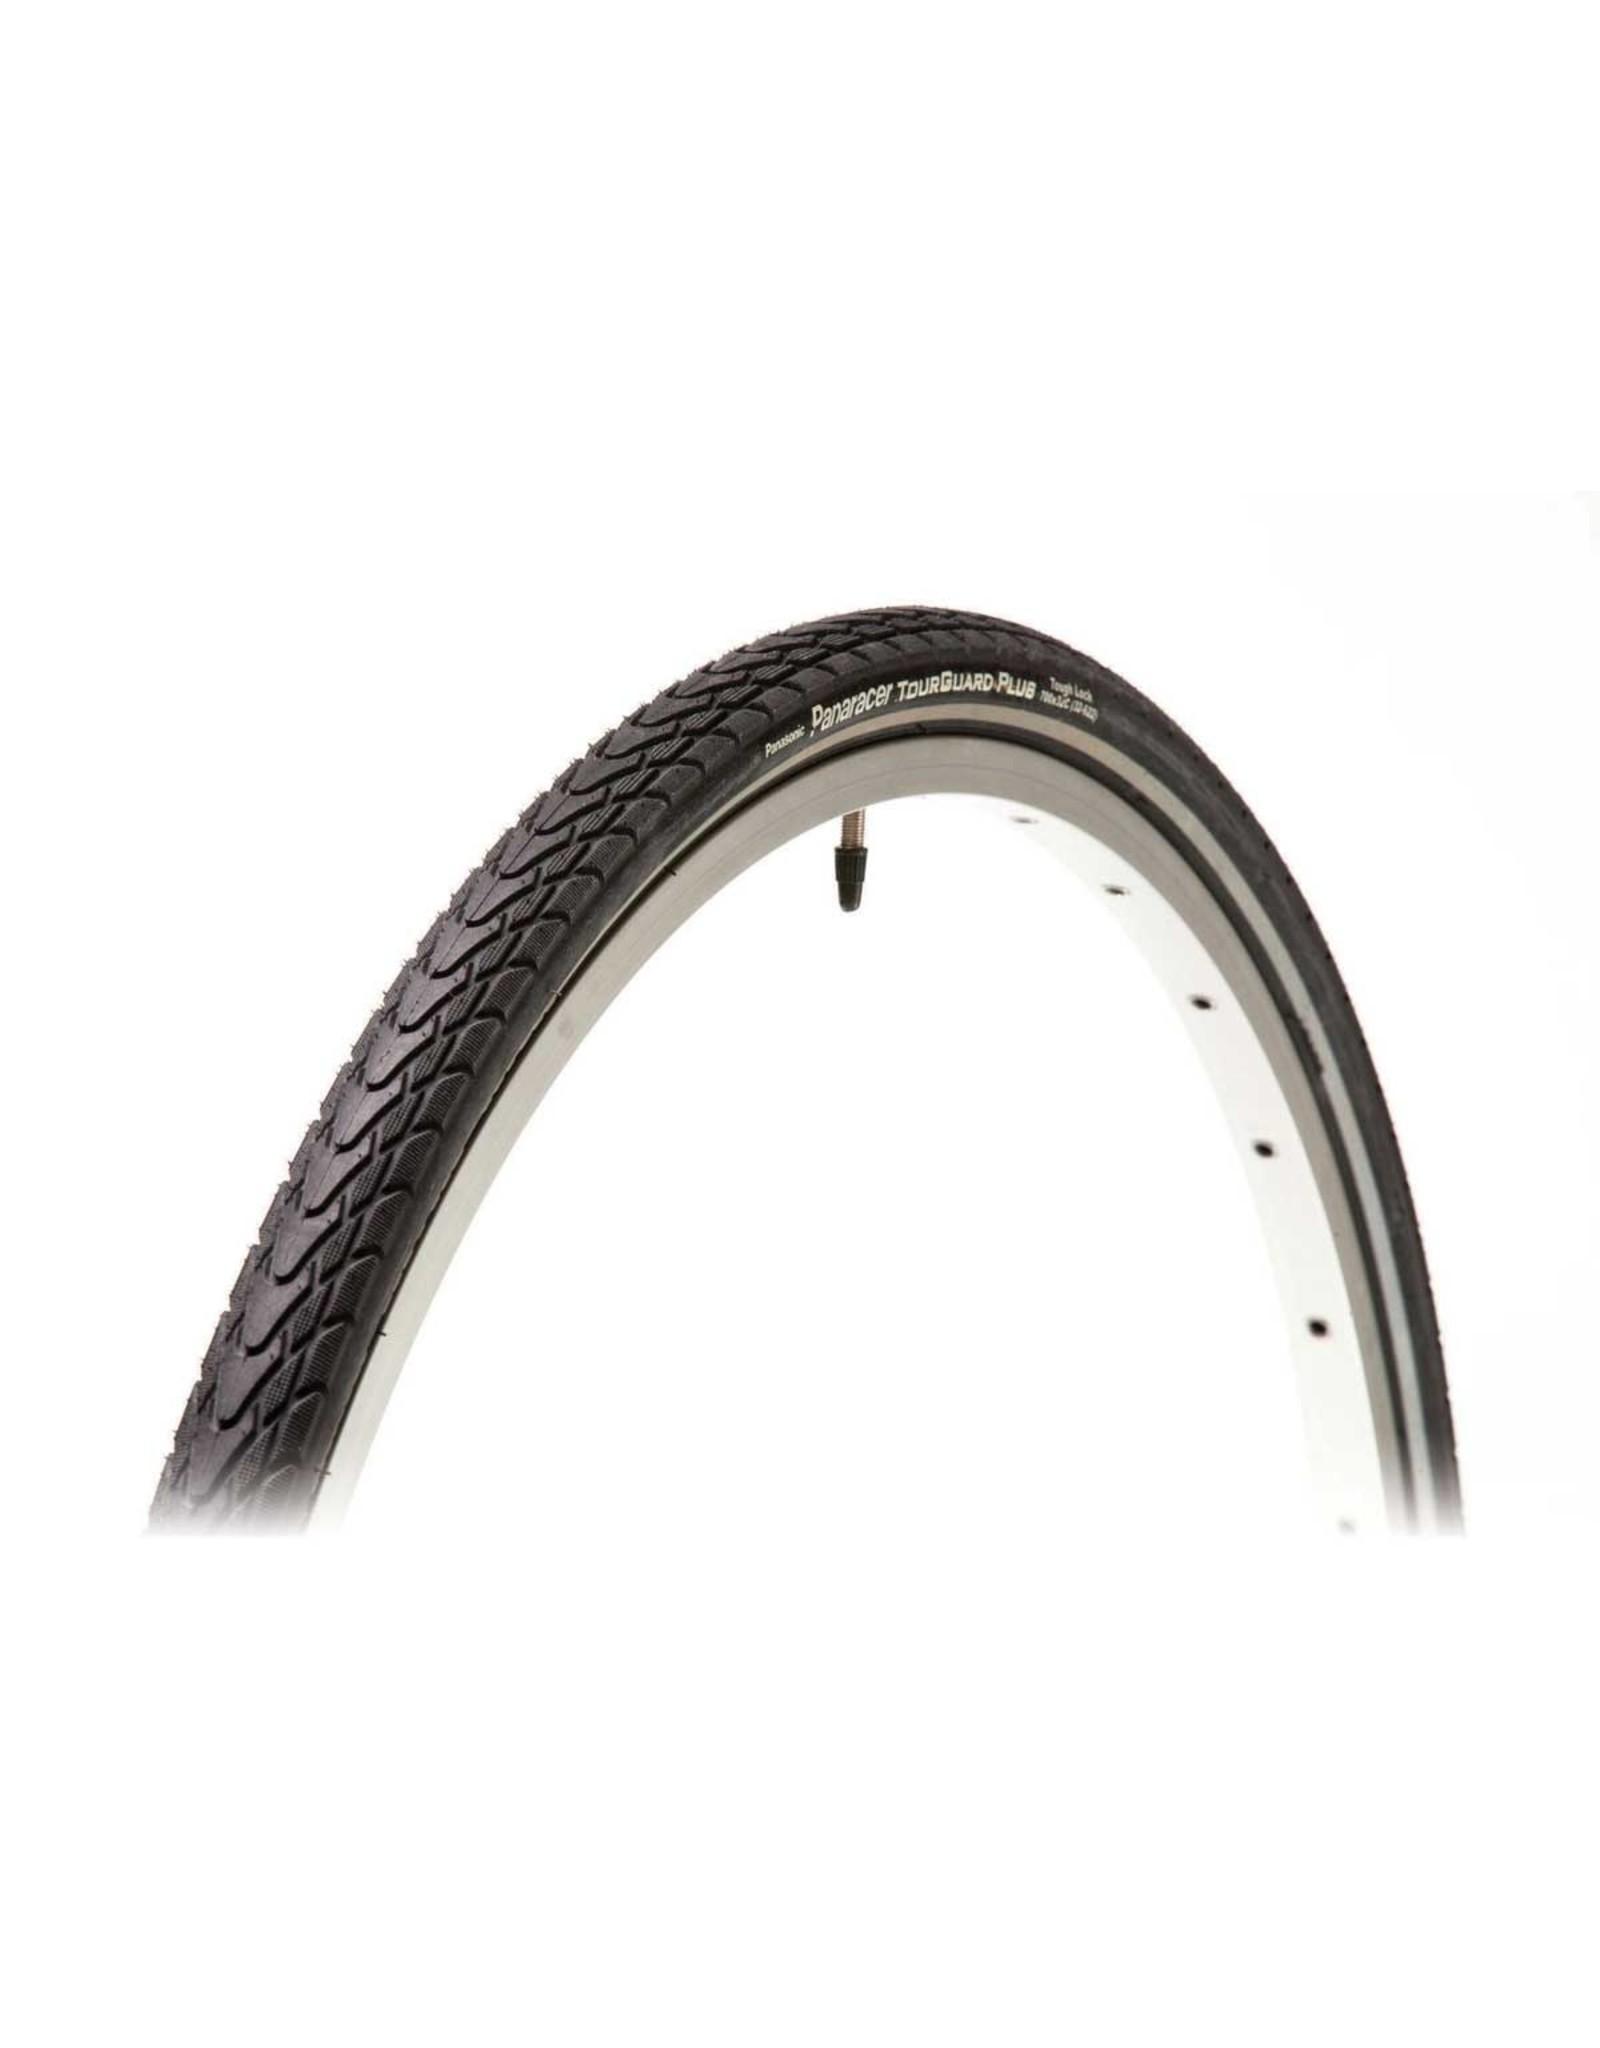 Panaracer Tyre Tour Guard Plus 700 x 35